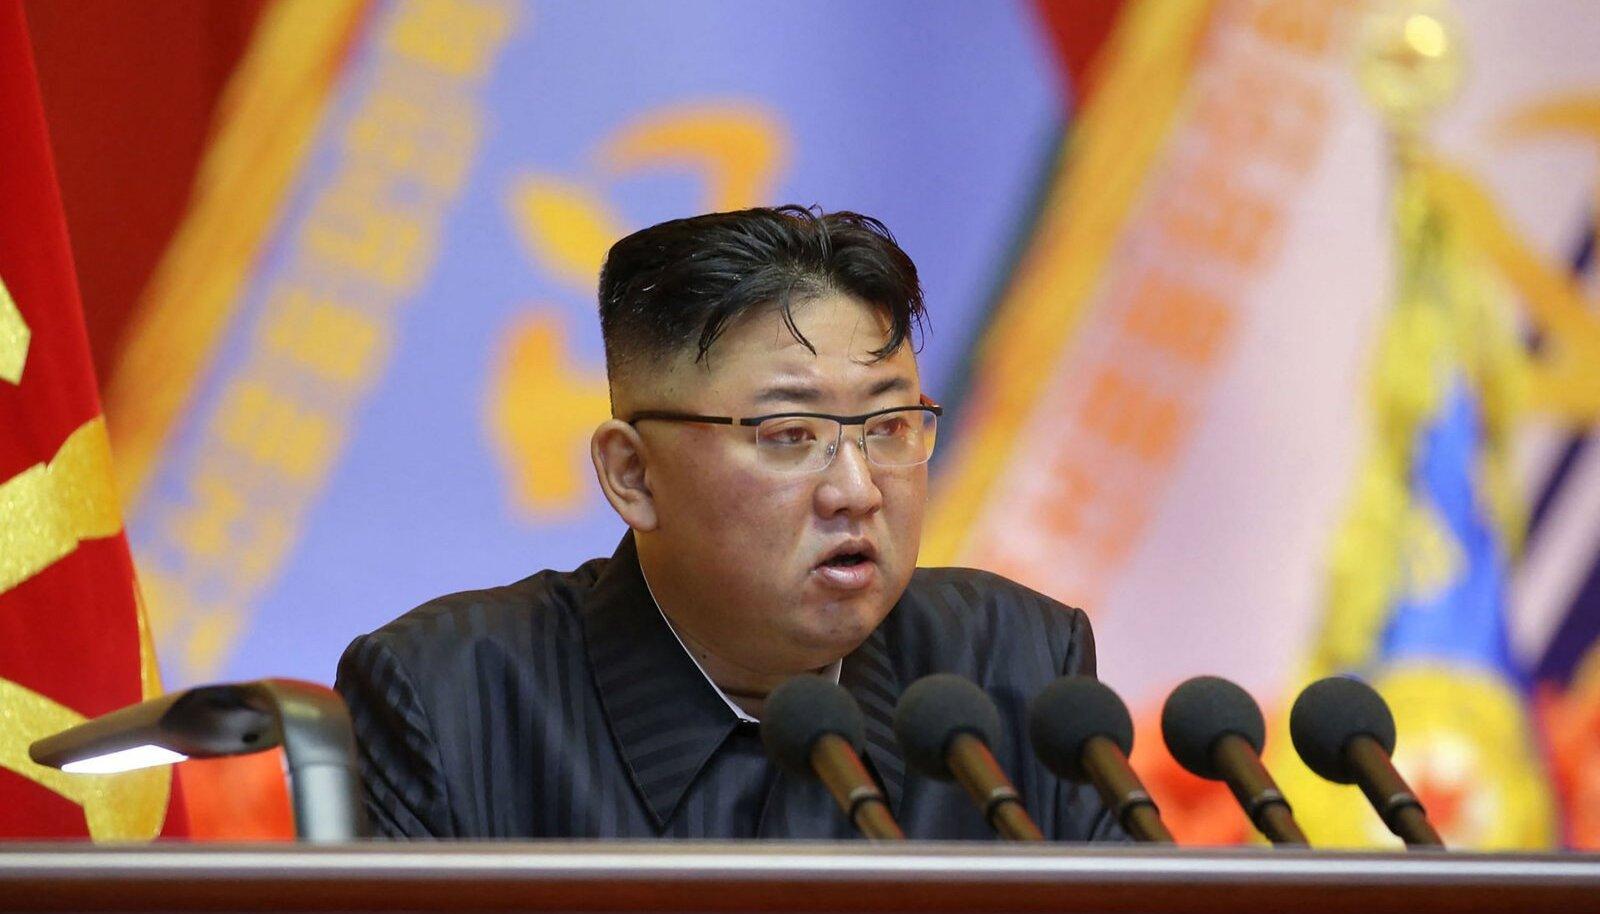 Püksirihma pingutamine pole vaid kujund, märgatavalt kõhnemaks on jäänud ka Kim Jong-un ise.